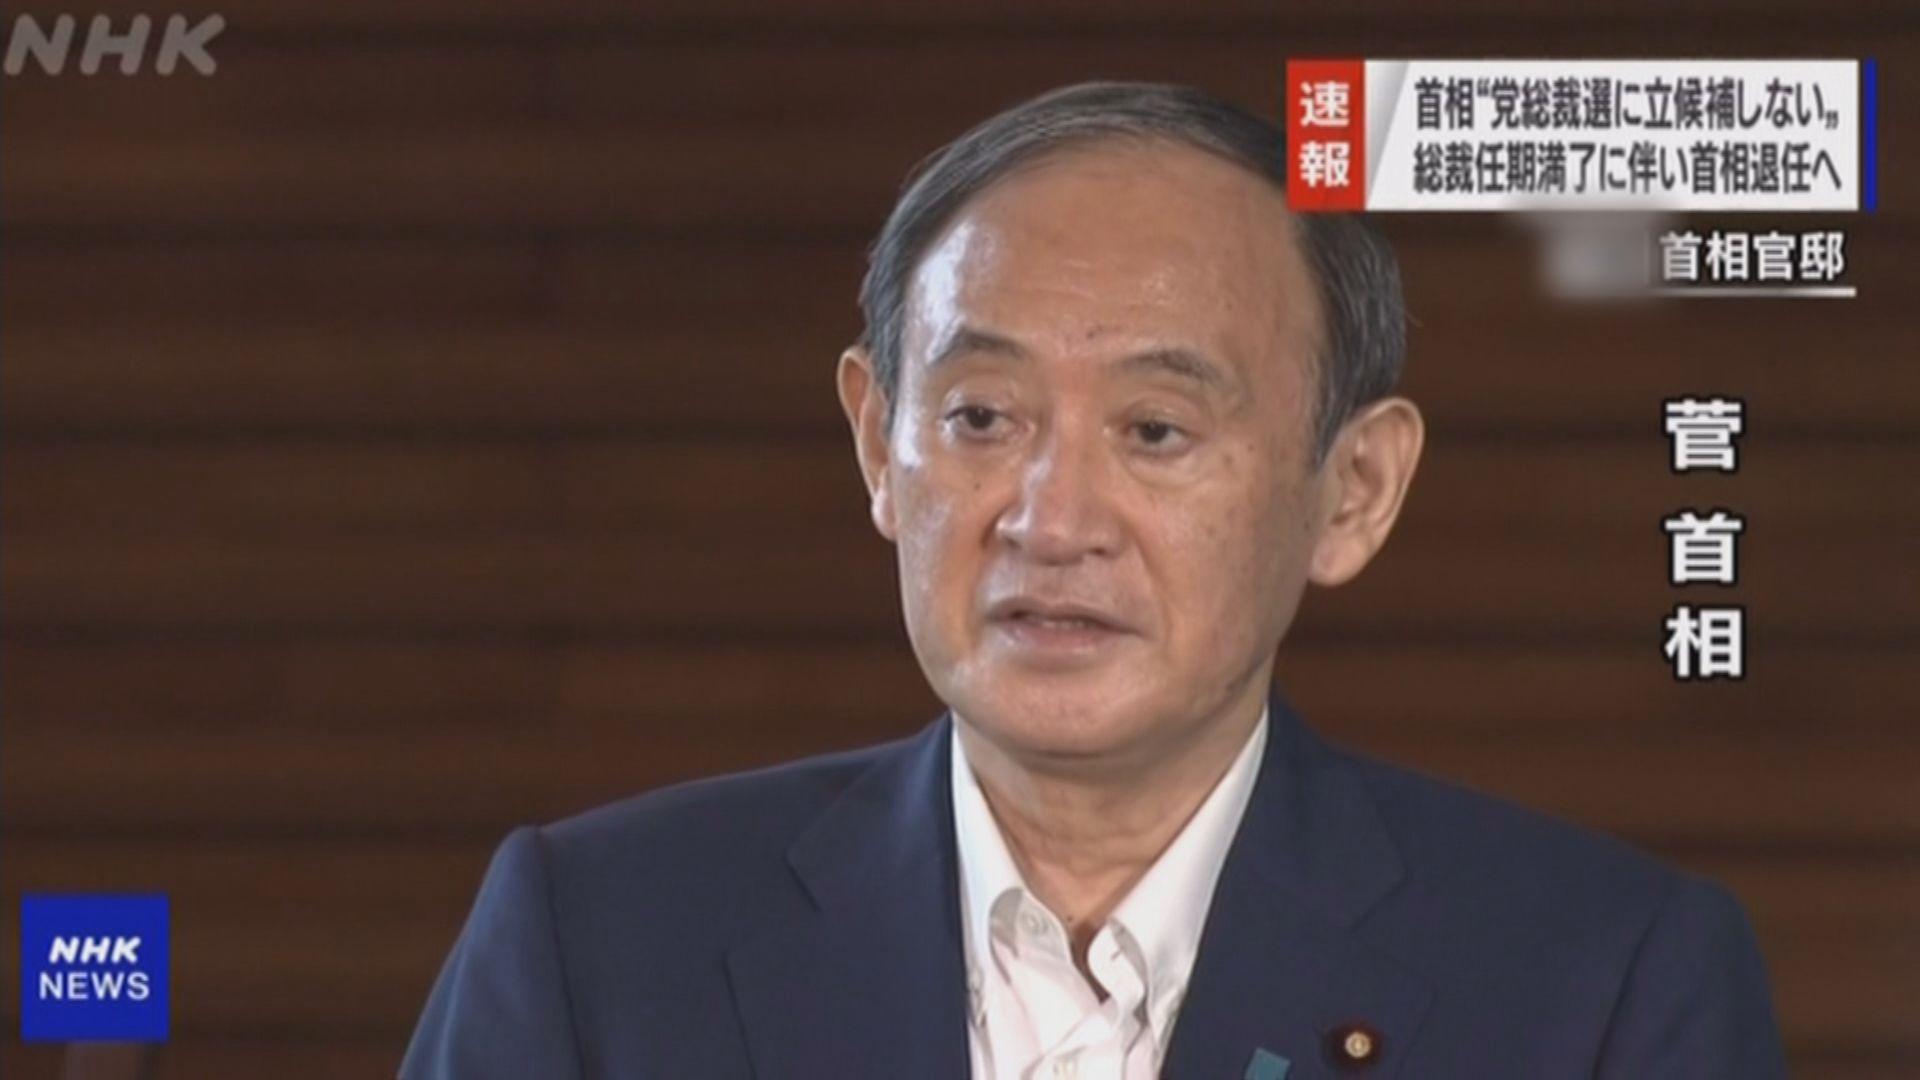 日本首相菅義偉宣布不競逐連任自民黨總裁